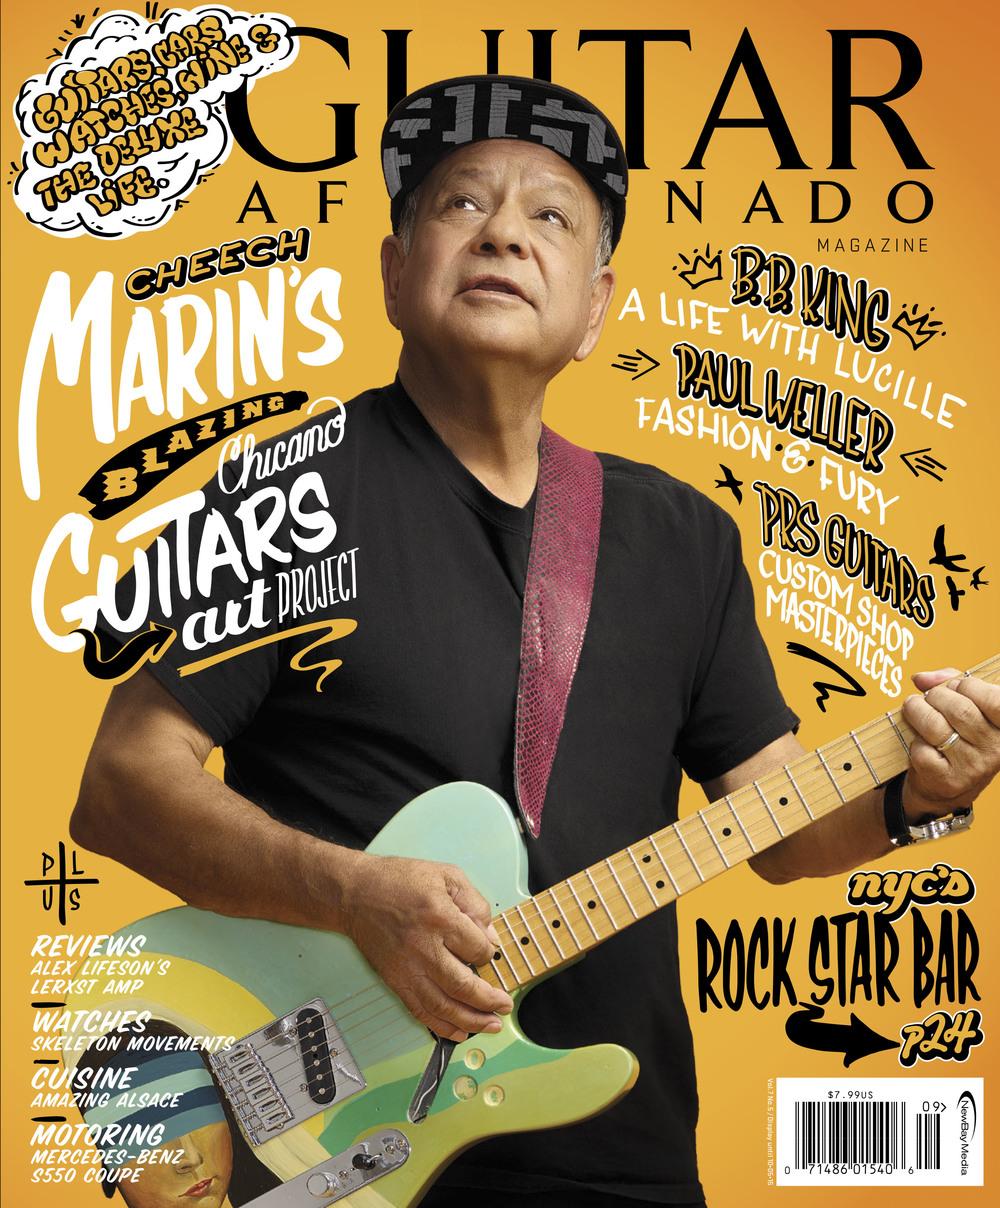 Guitar Aficionado featuring Cheech Marin